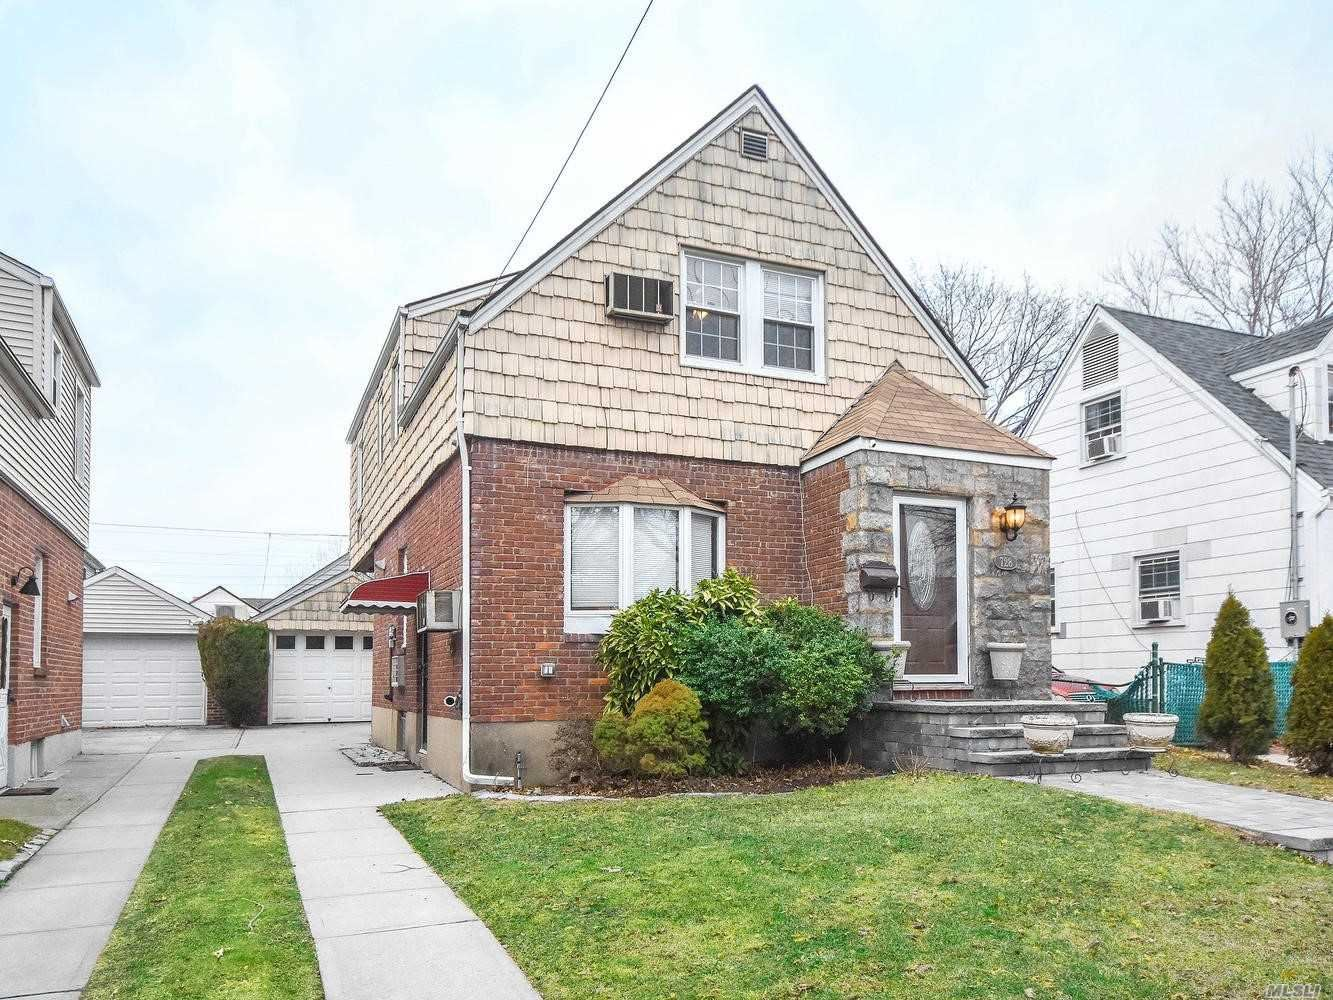 728 151 Place, Whitestone, NY 11357 - MLS#: 3190420